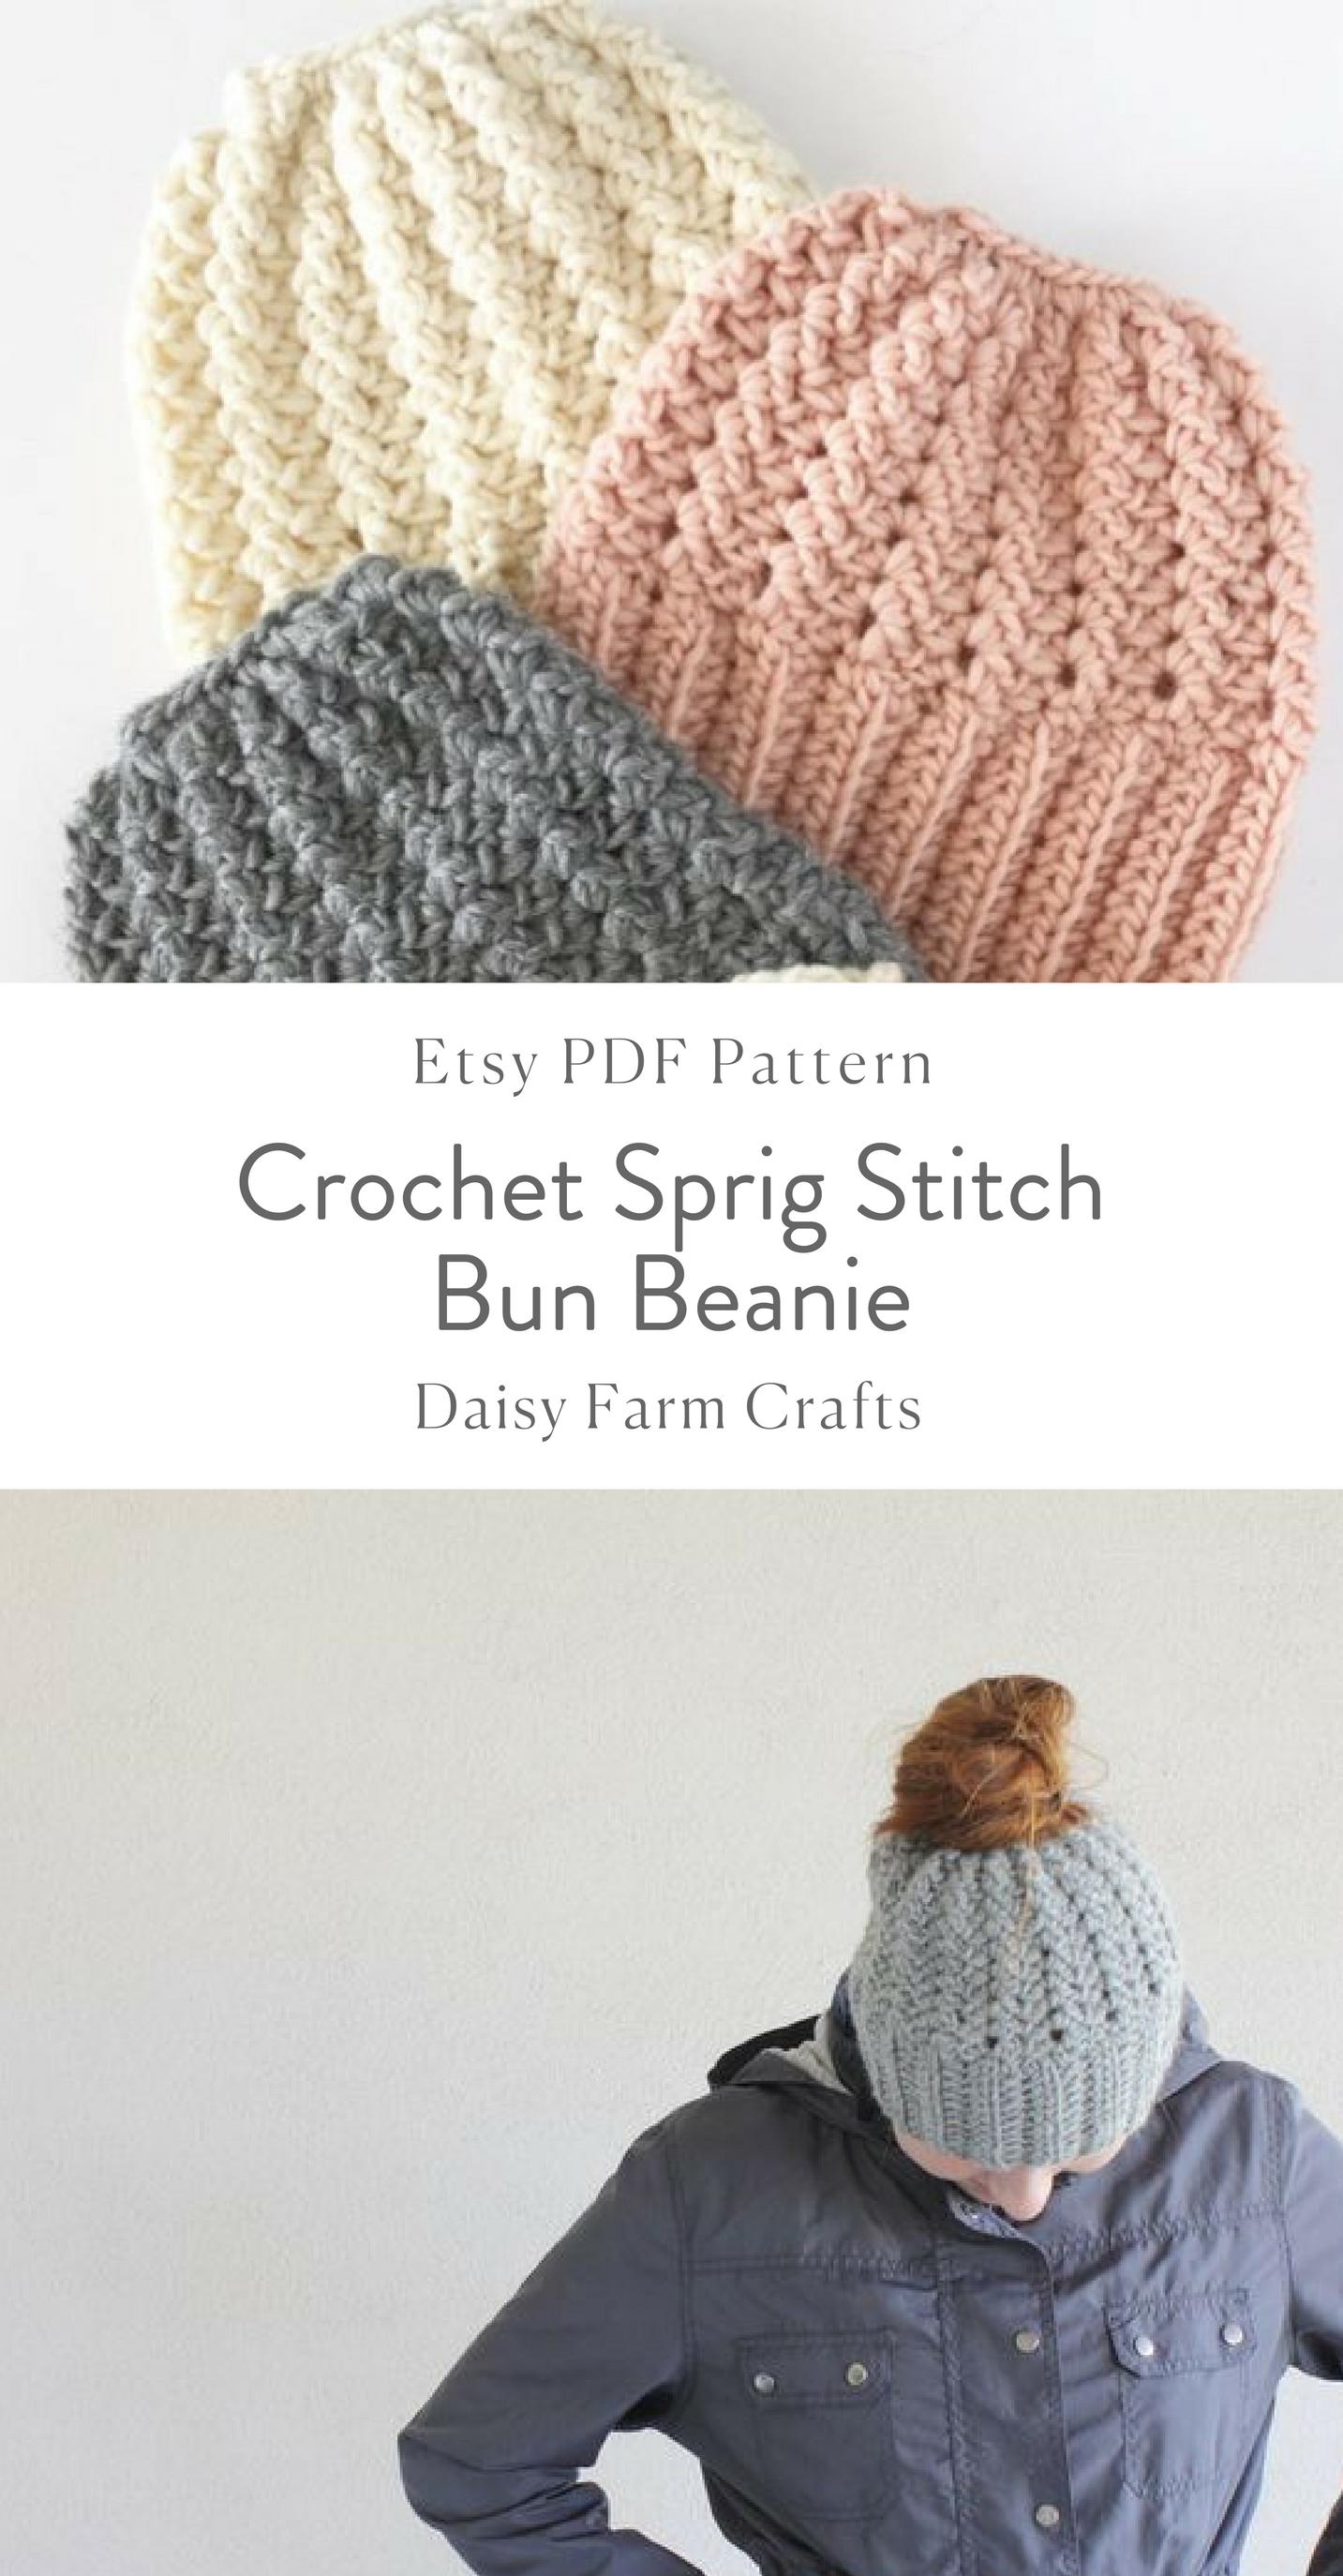 58ebe026bf1 Etsy PDF Pattern - Crochet Sprig Stitch Bun Beanie